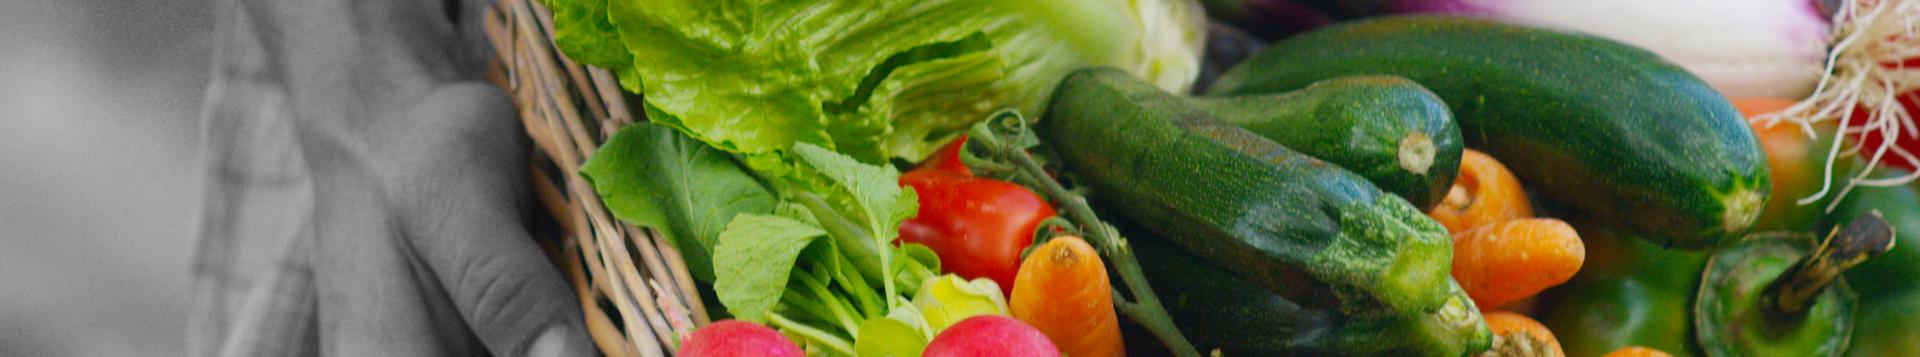 Légumes et fruits, maraîchage